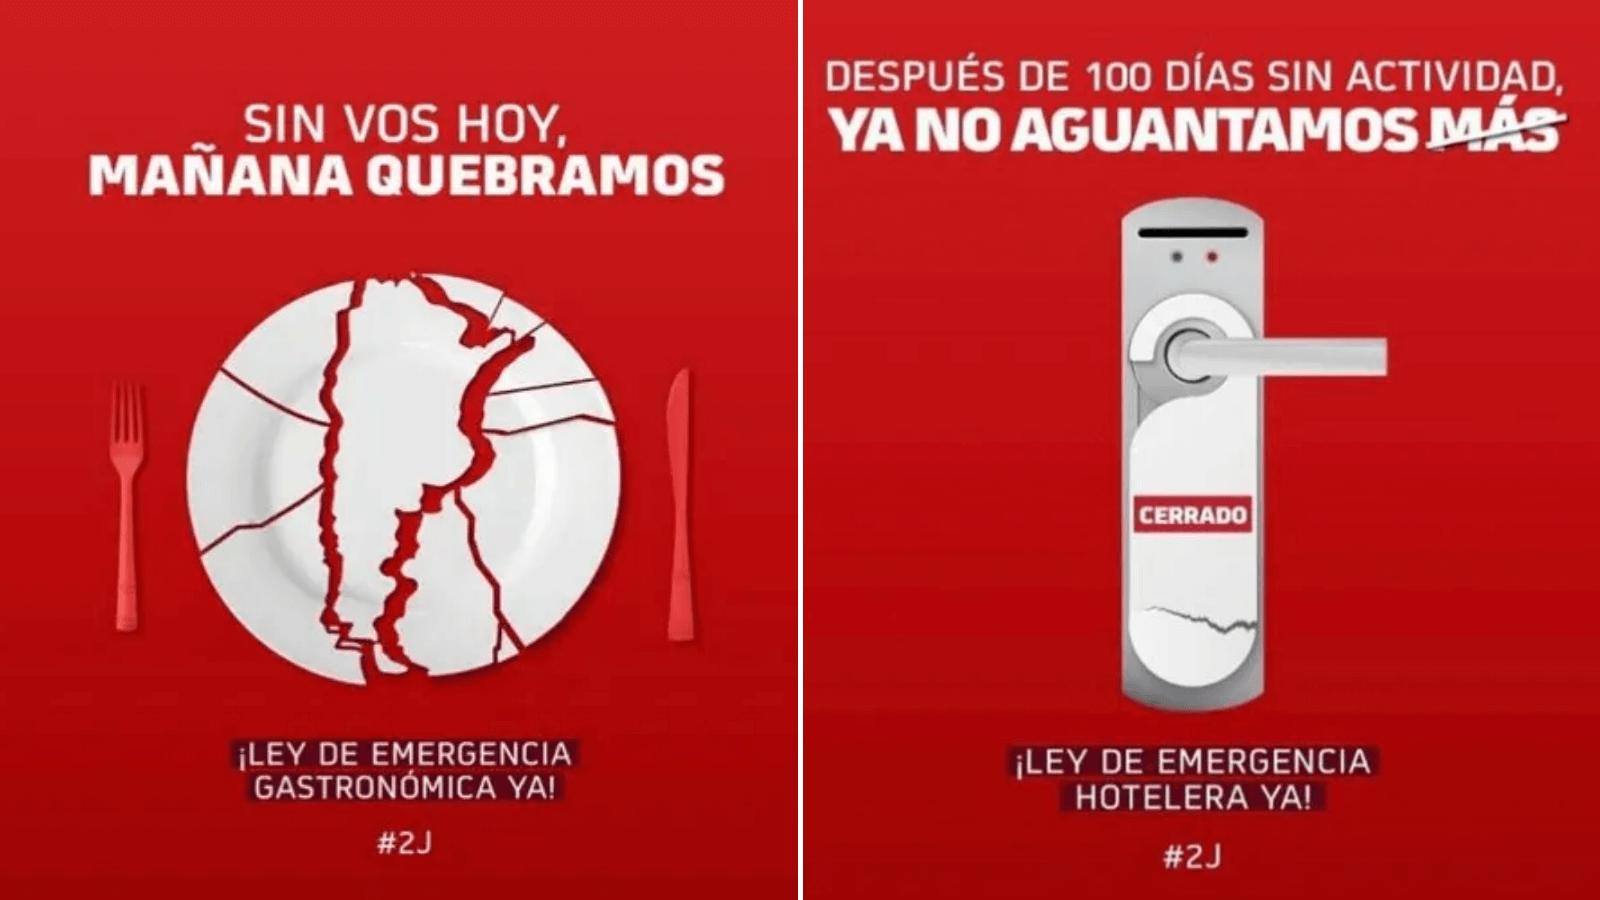 Hoteleros y gastronómicos de Argentina se unen en redes sociales para exigir una Ley de Emergencia ante crisis por Covid-19 1